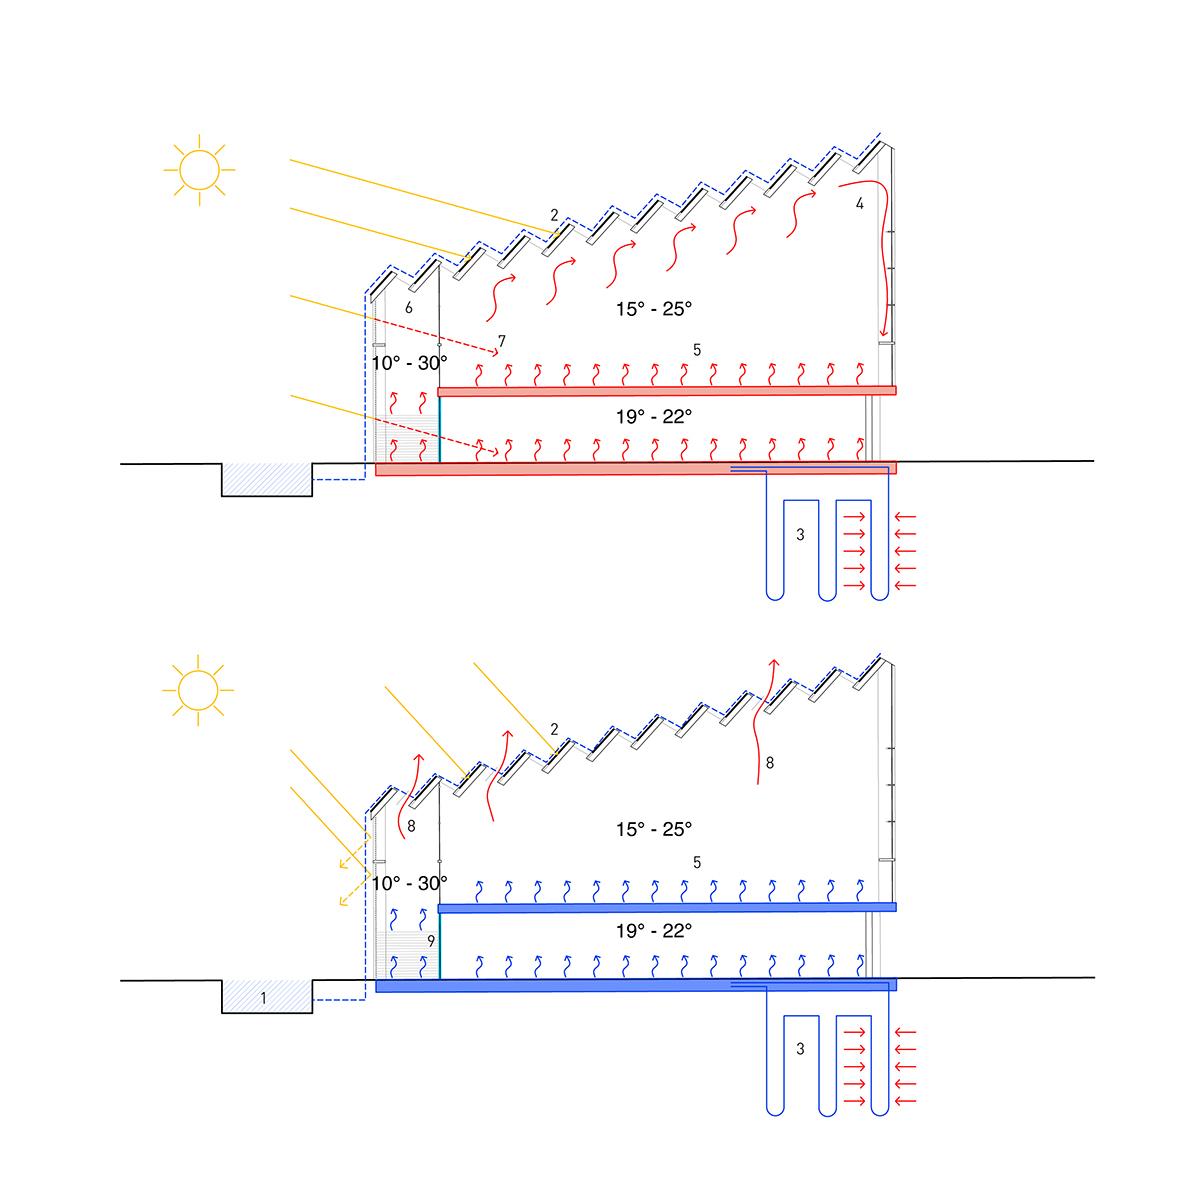 Pelletier de Fontenay_EPV_04_diagram_web.jpg